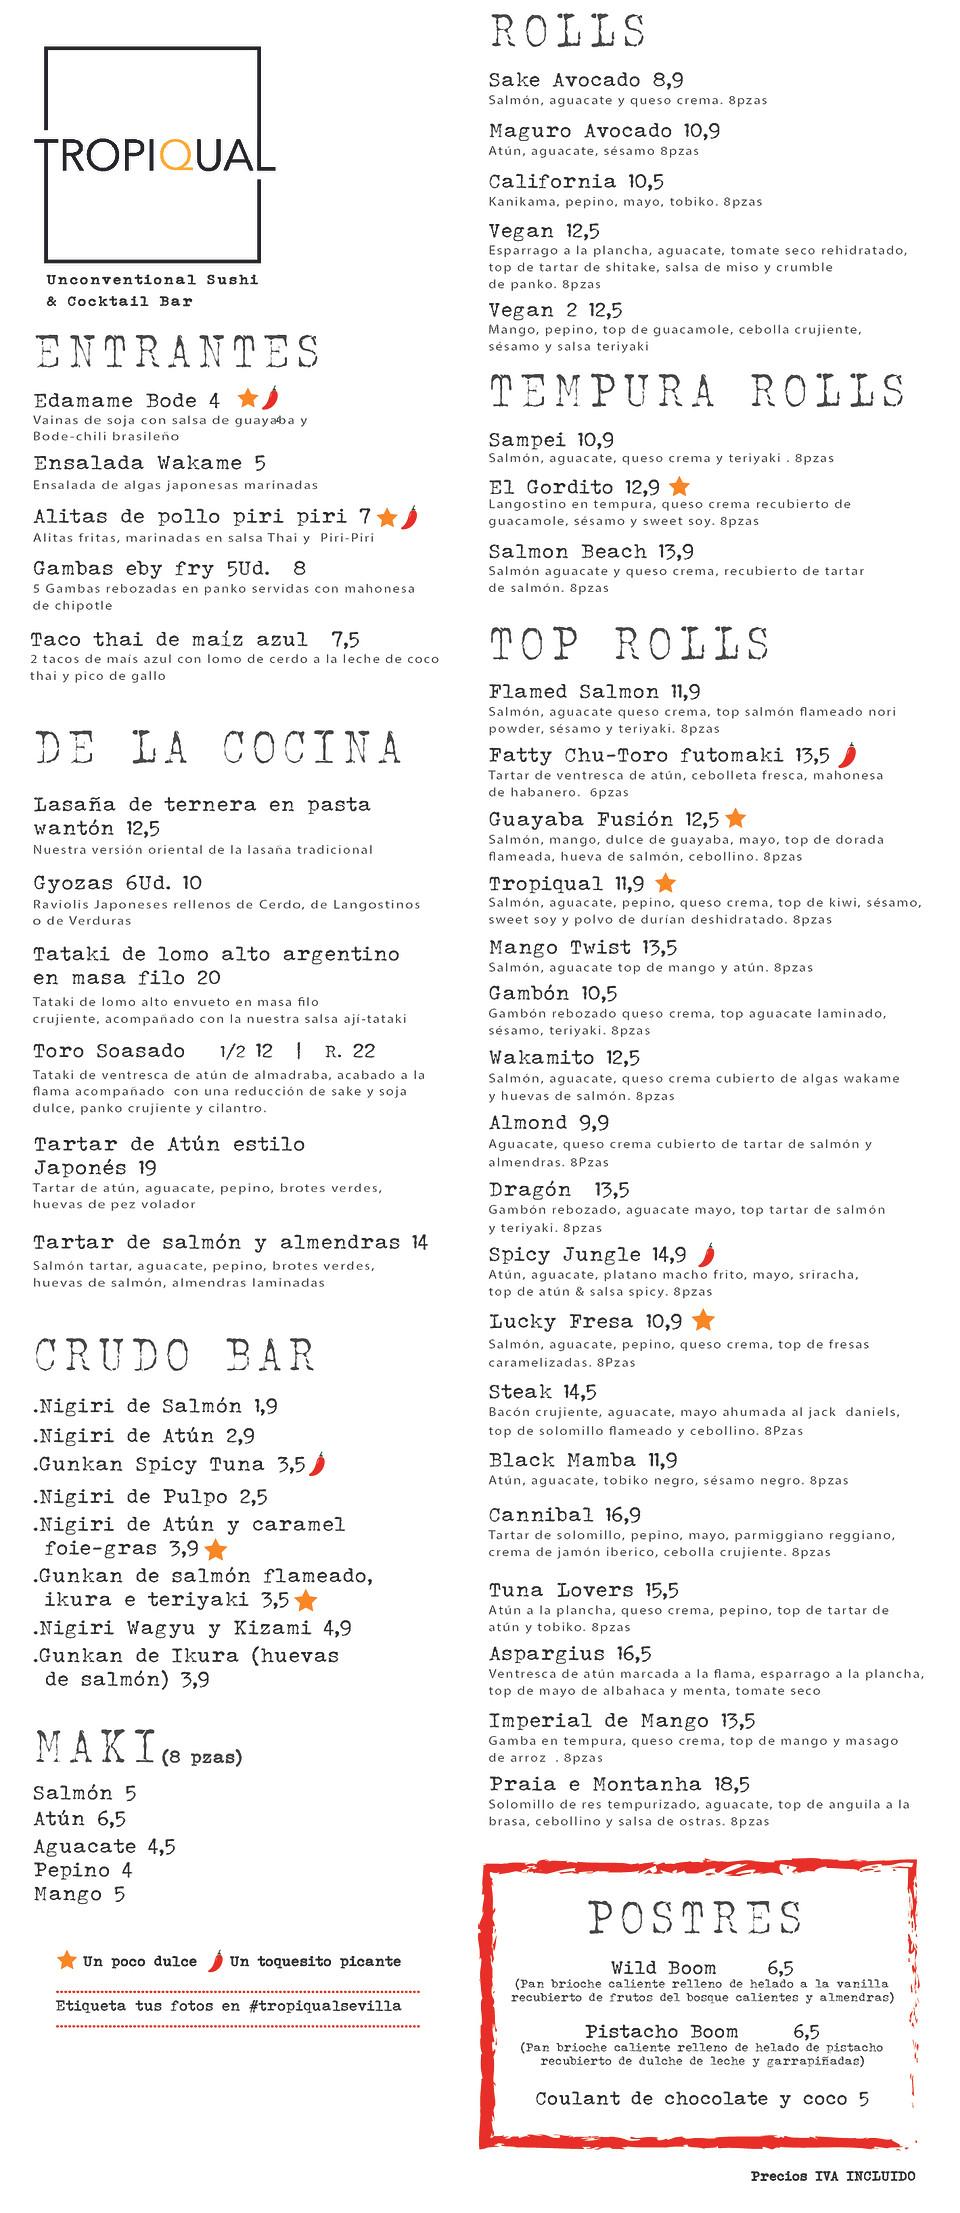 menu esp full.jpg